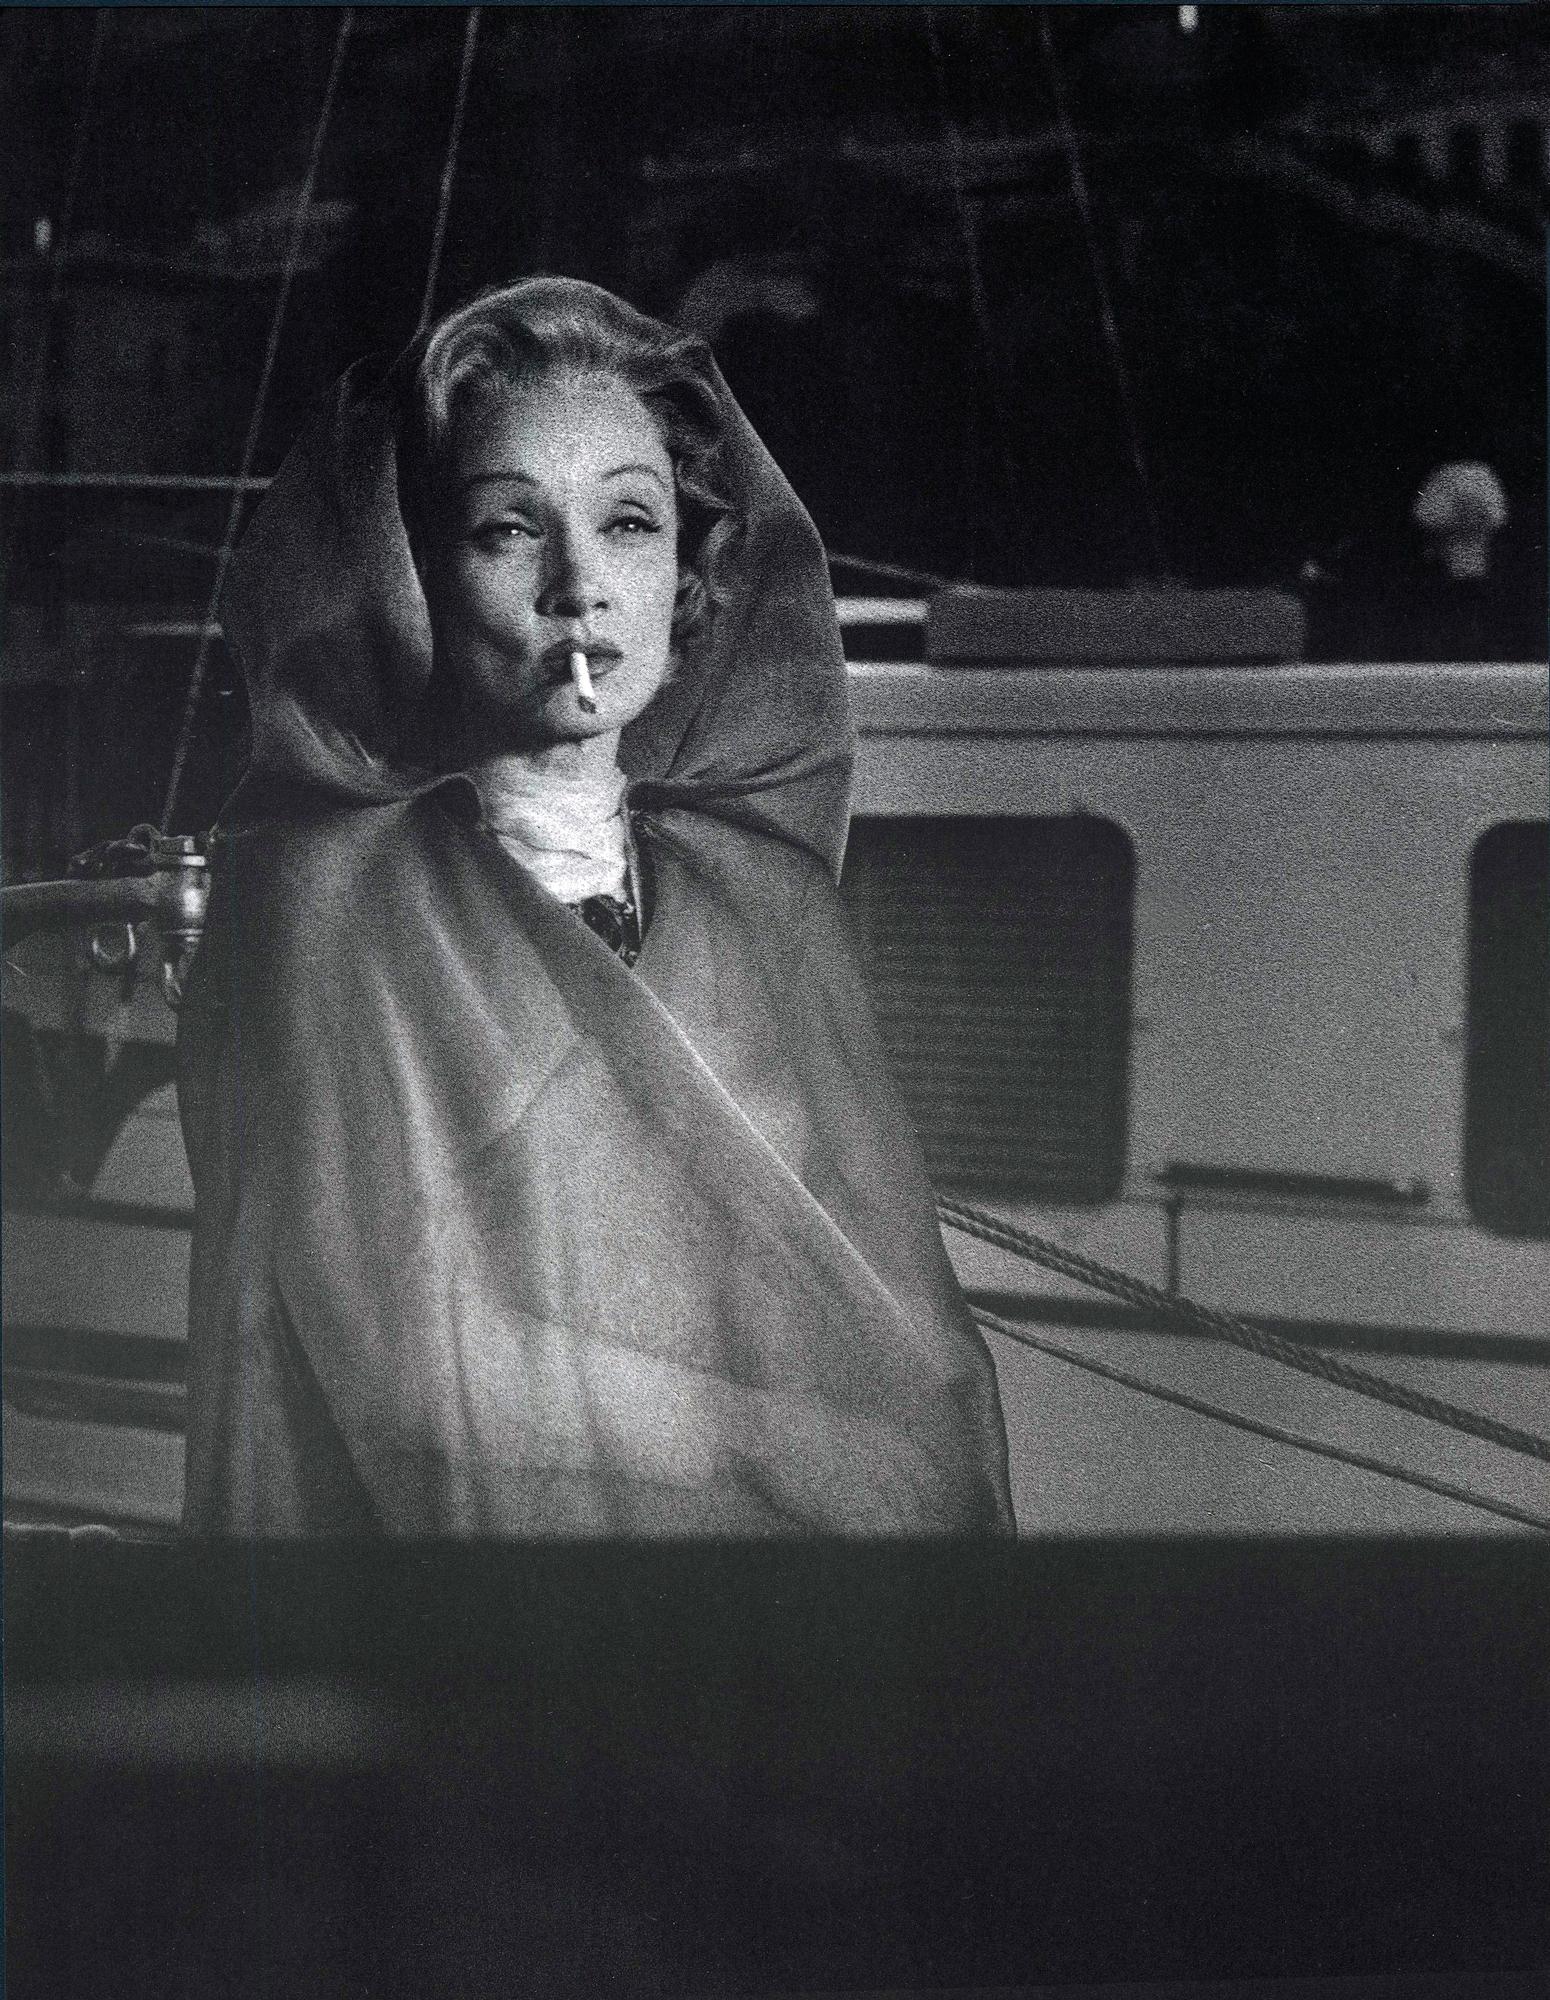 Fotó: Mario de Biasi: Marlene Dietrich, Monte-Carlo, 1956 © Mario de Biasi/Mondadori Portfolio